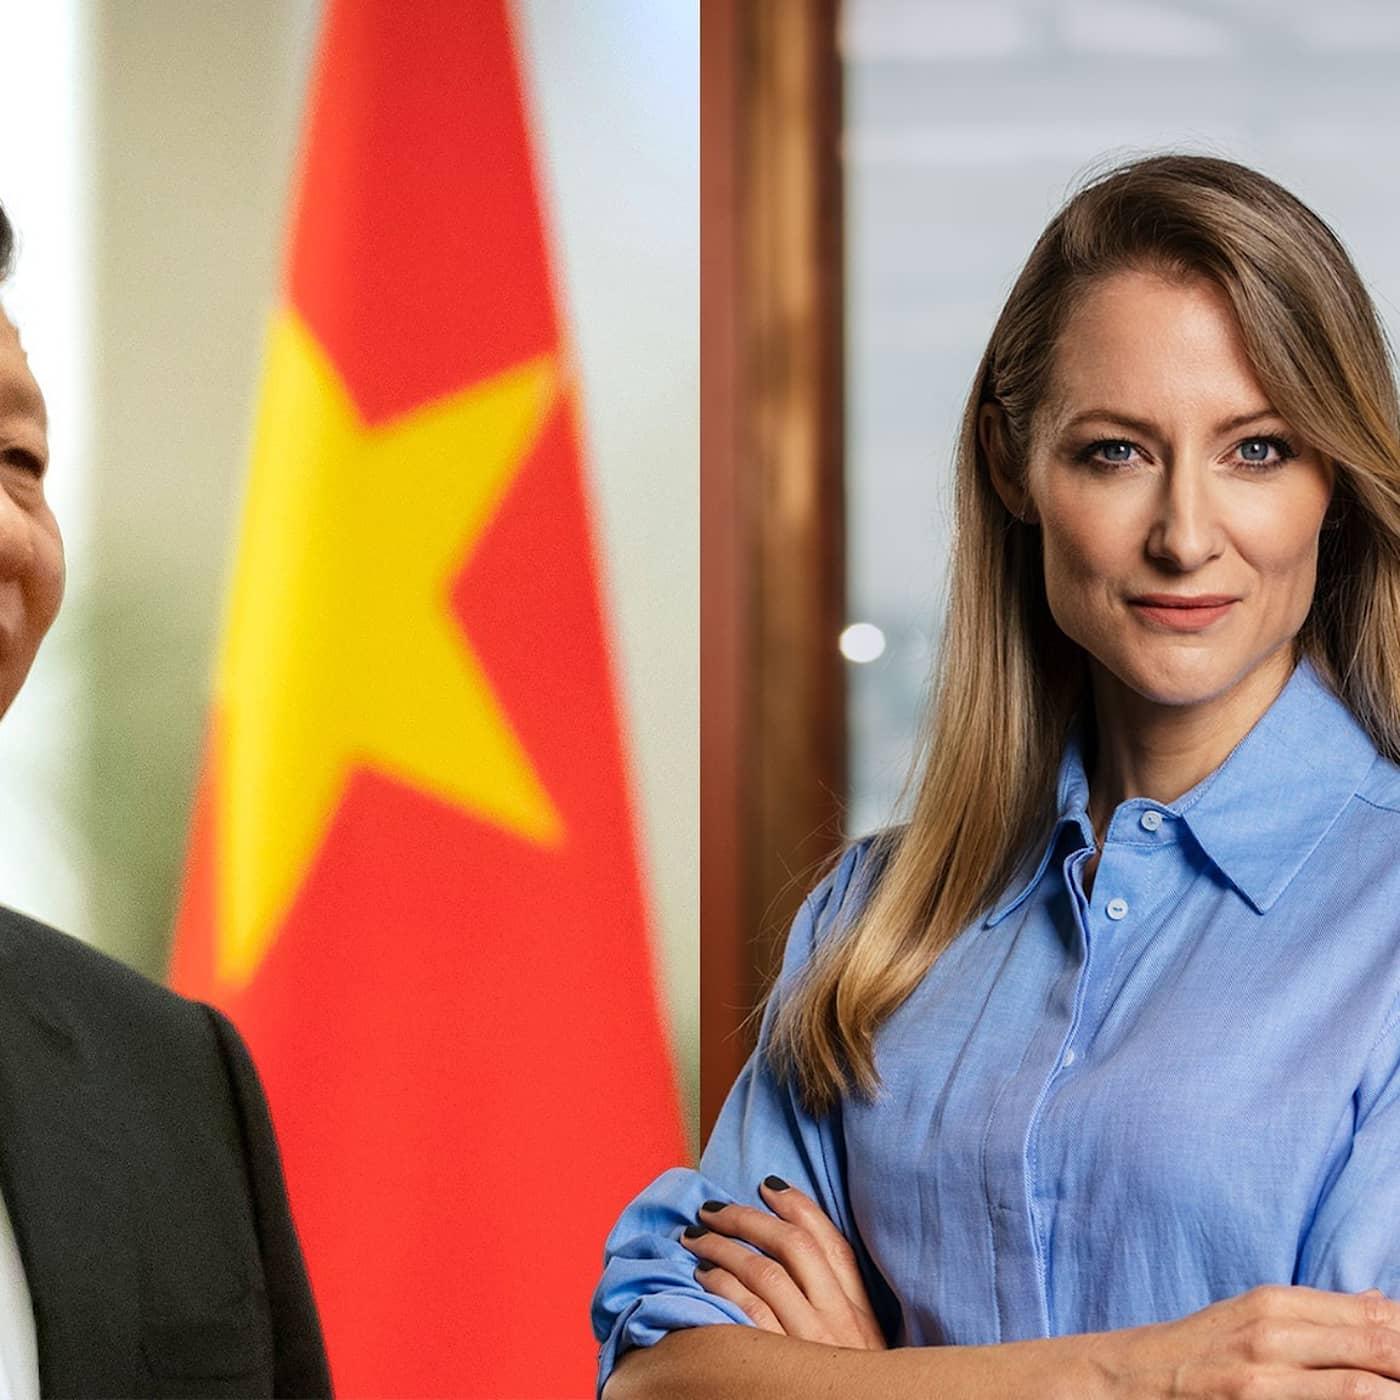 Väst stänger ner – tar Kina över ledartröjan?